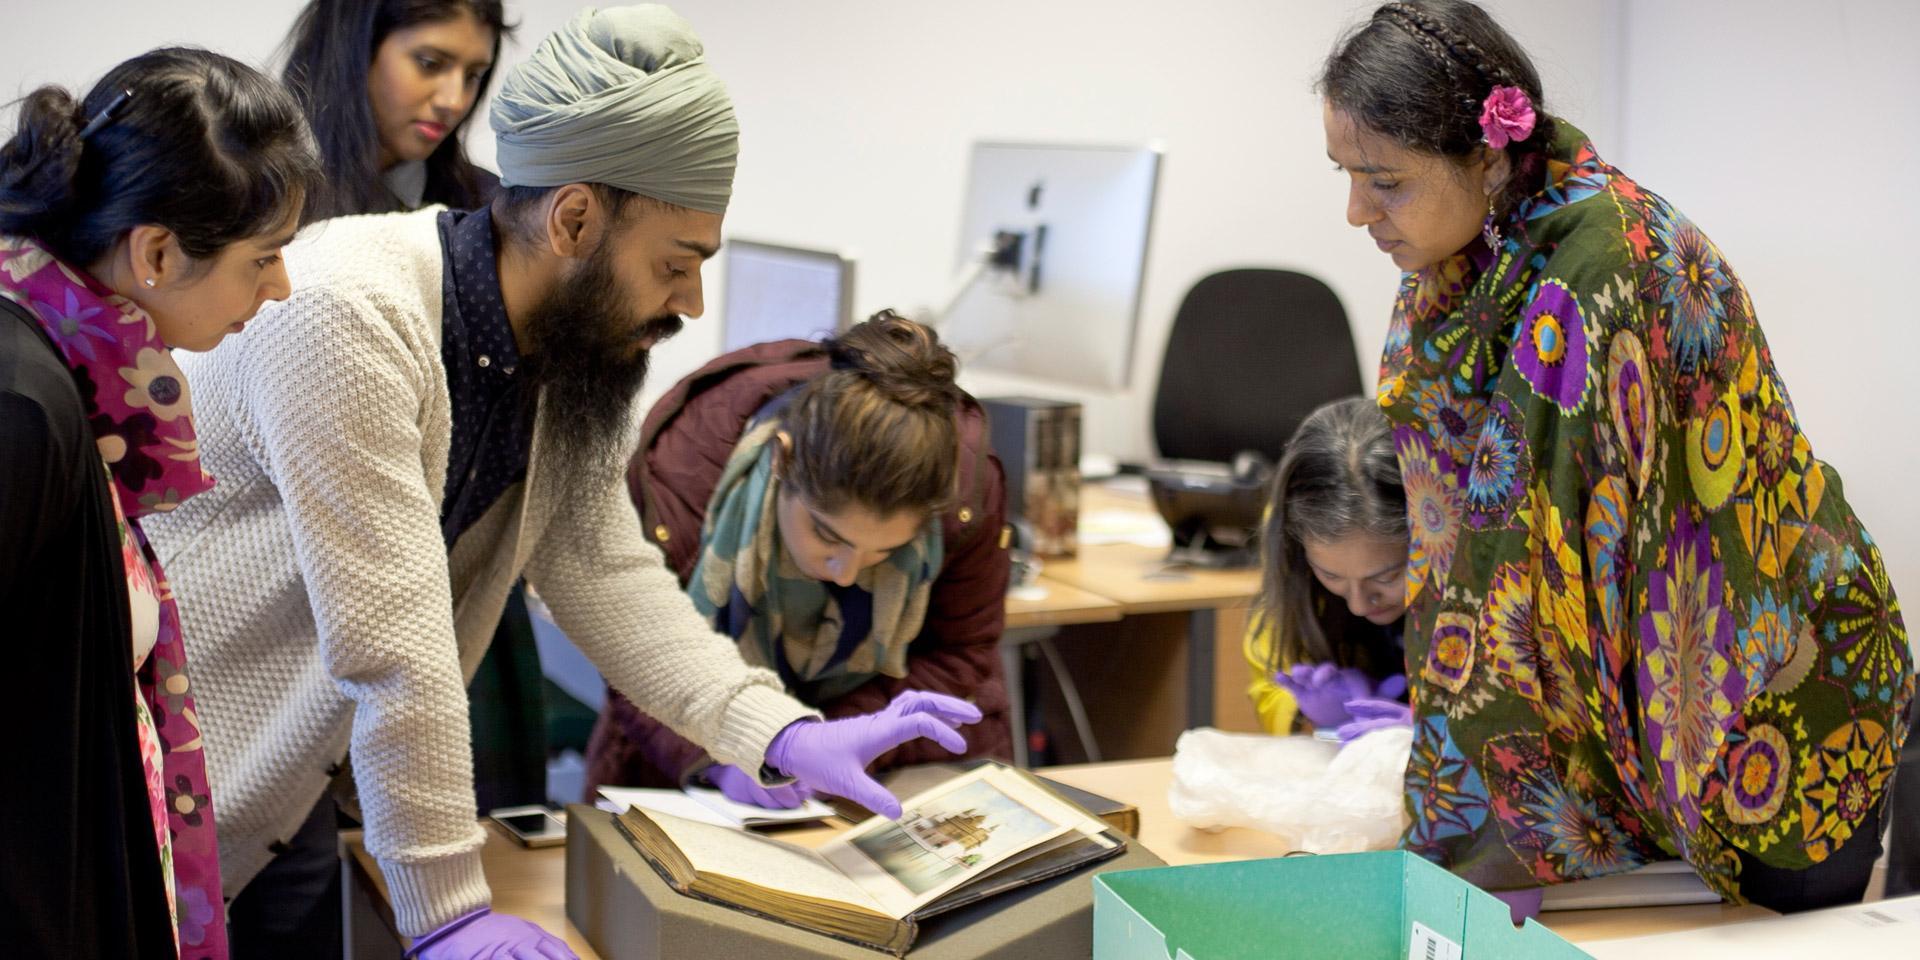 Workshop participants explore collection items